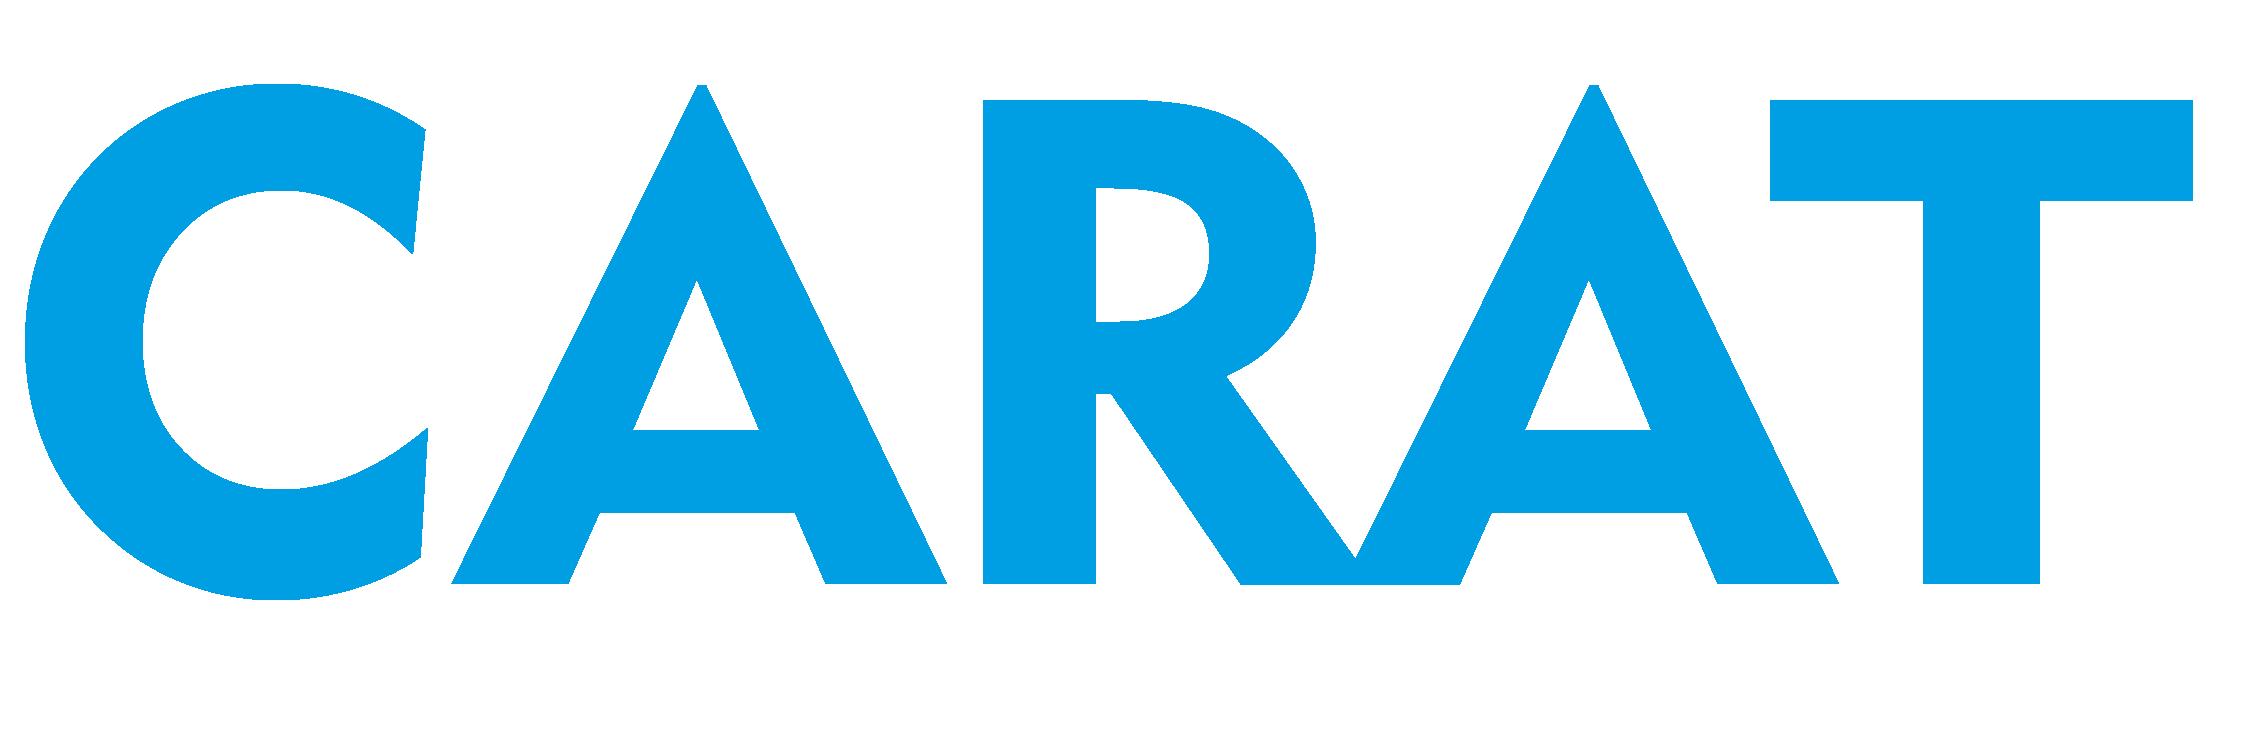 Carat Austria GmbH